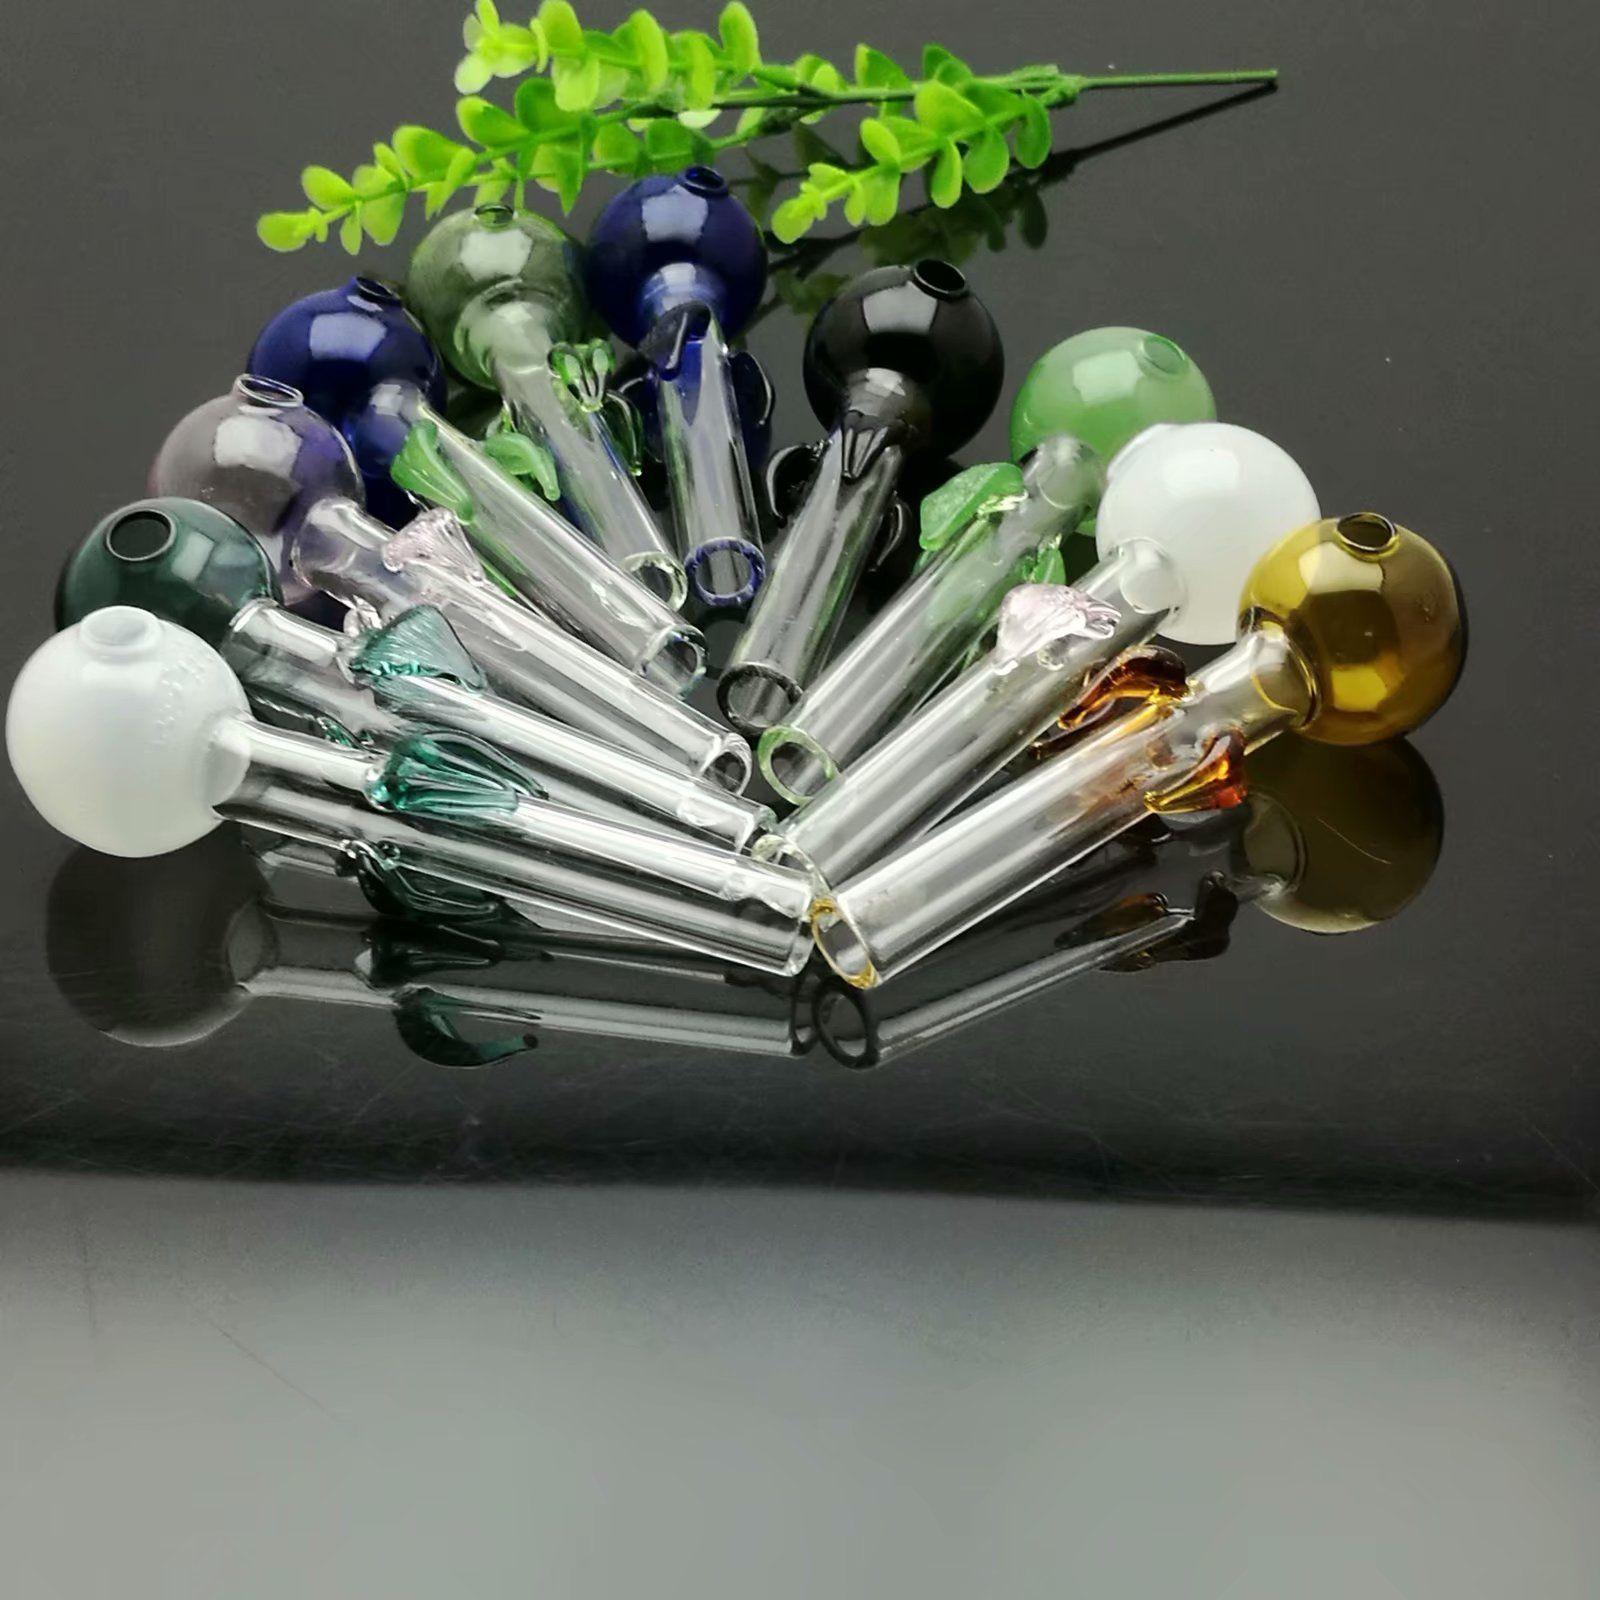 Renkli disk Çiçek Renk Kabarcık düz boru Cam su nargile Kolu Borular sigara borular Yüksek kalite ücretsiz kargo